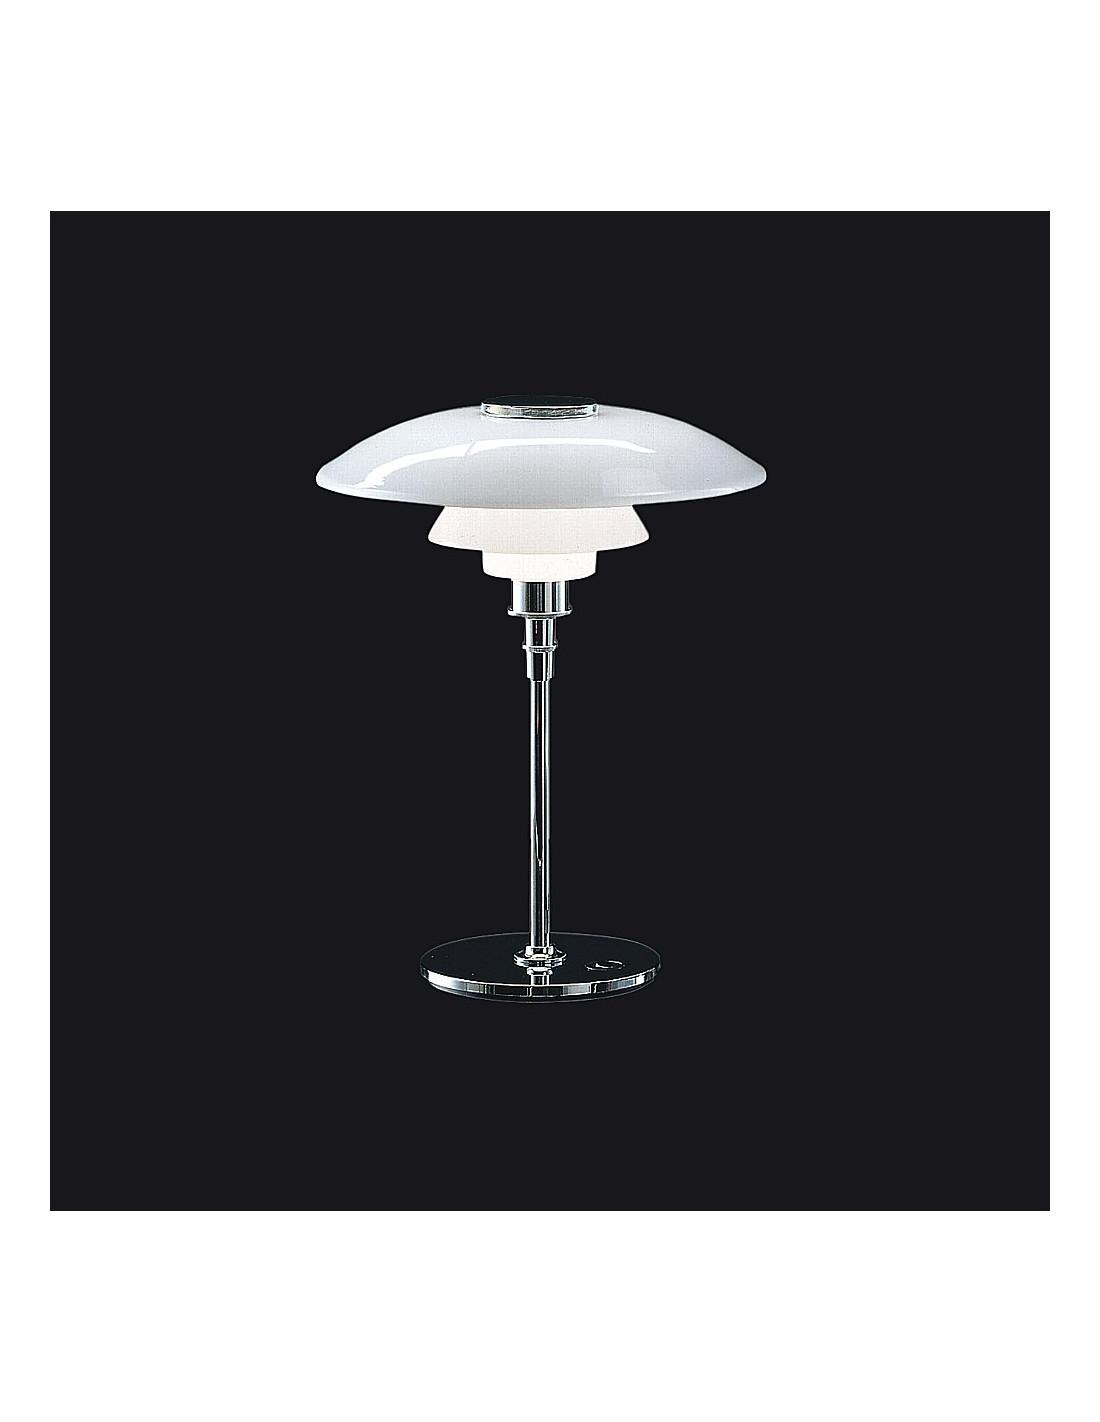 lampe de table ph 3 2 de poul henningsen pour louis poulsen la boutique danoise. Black Bedroom Furniture Sets. Home Design Ideas